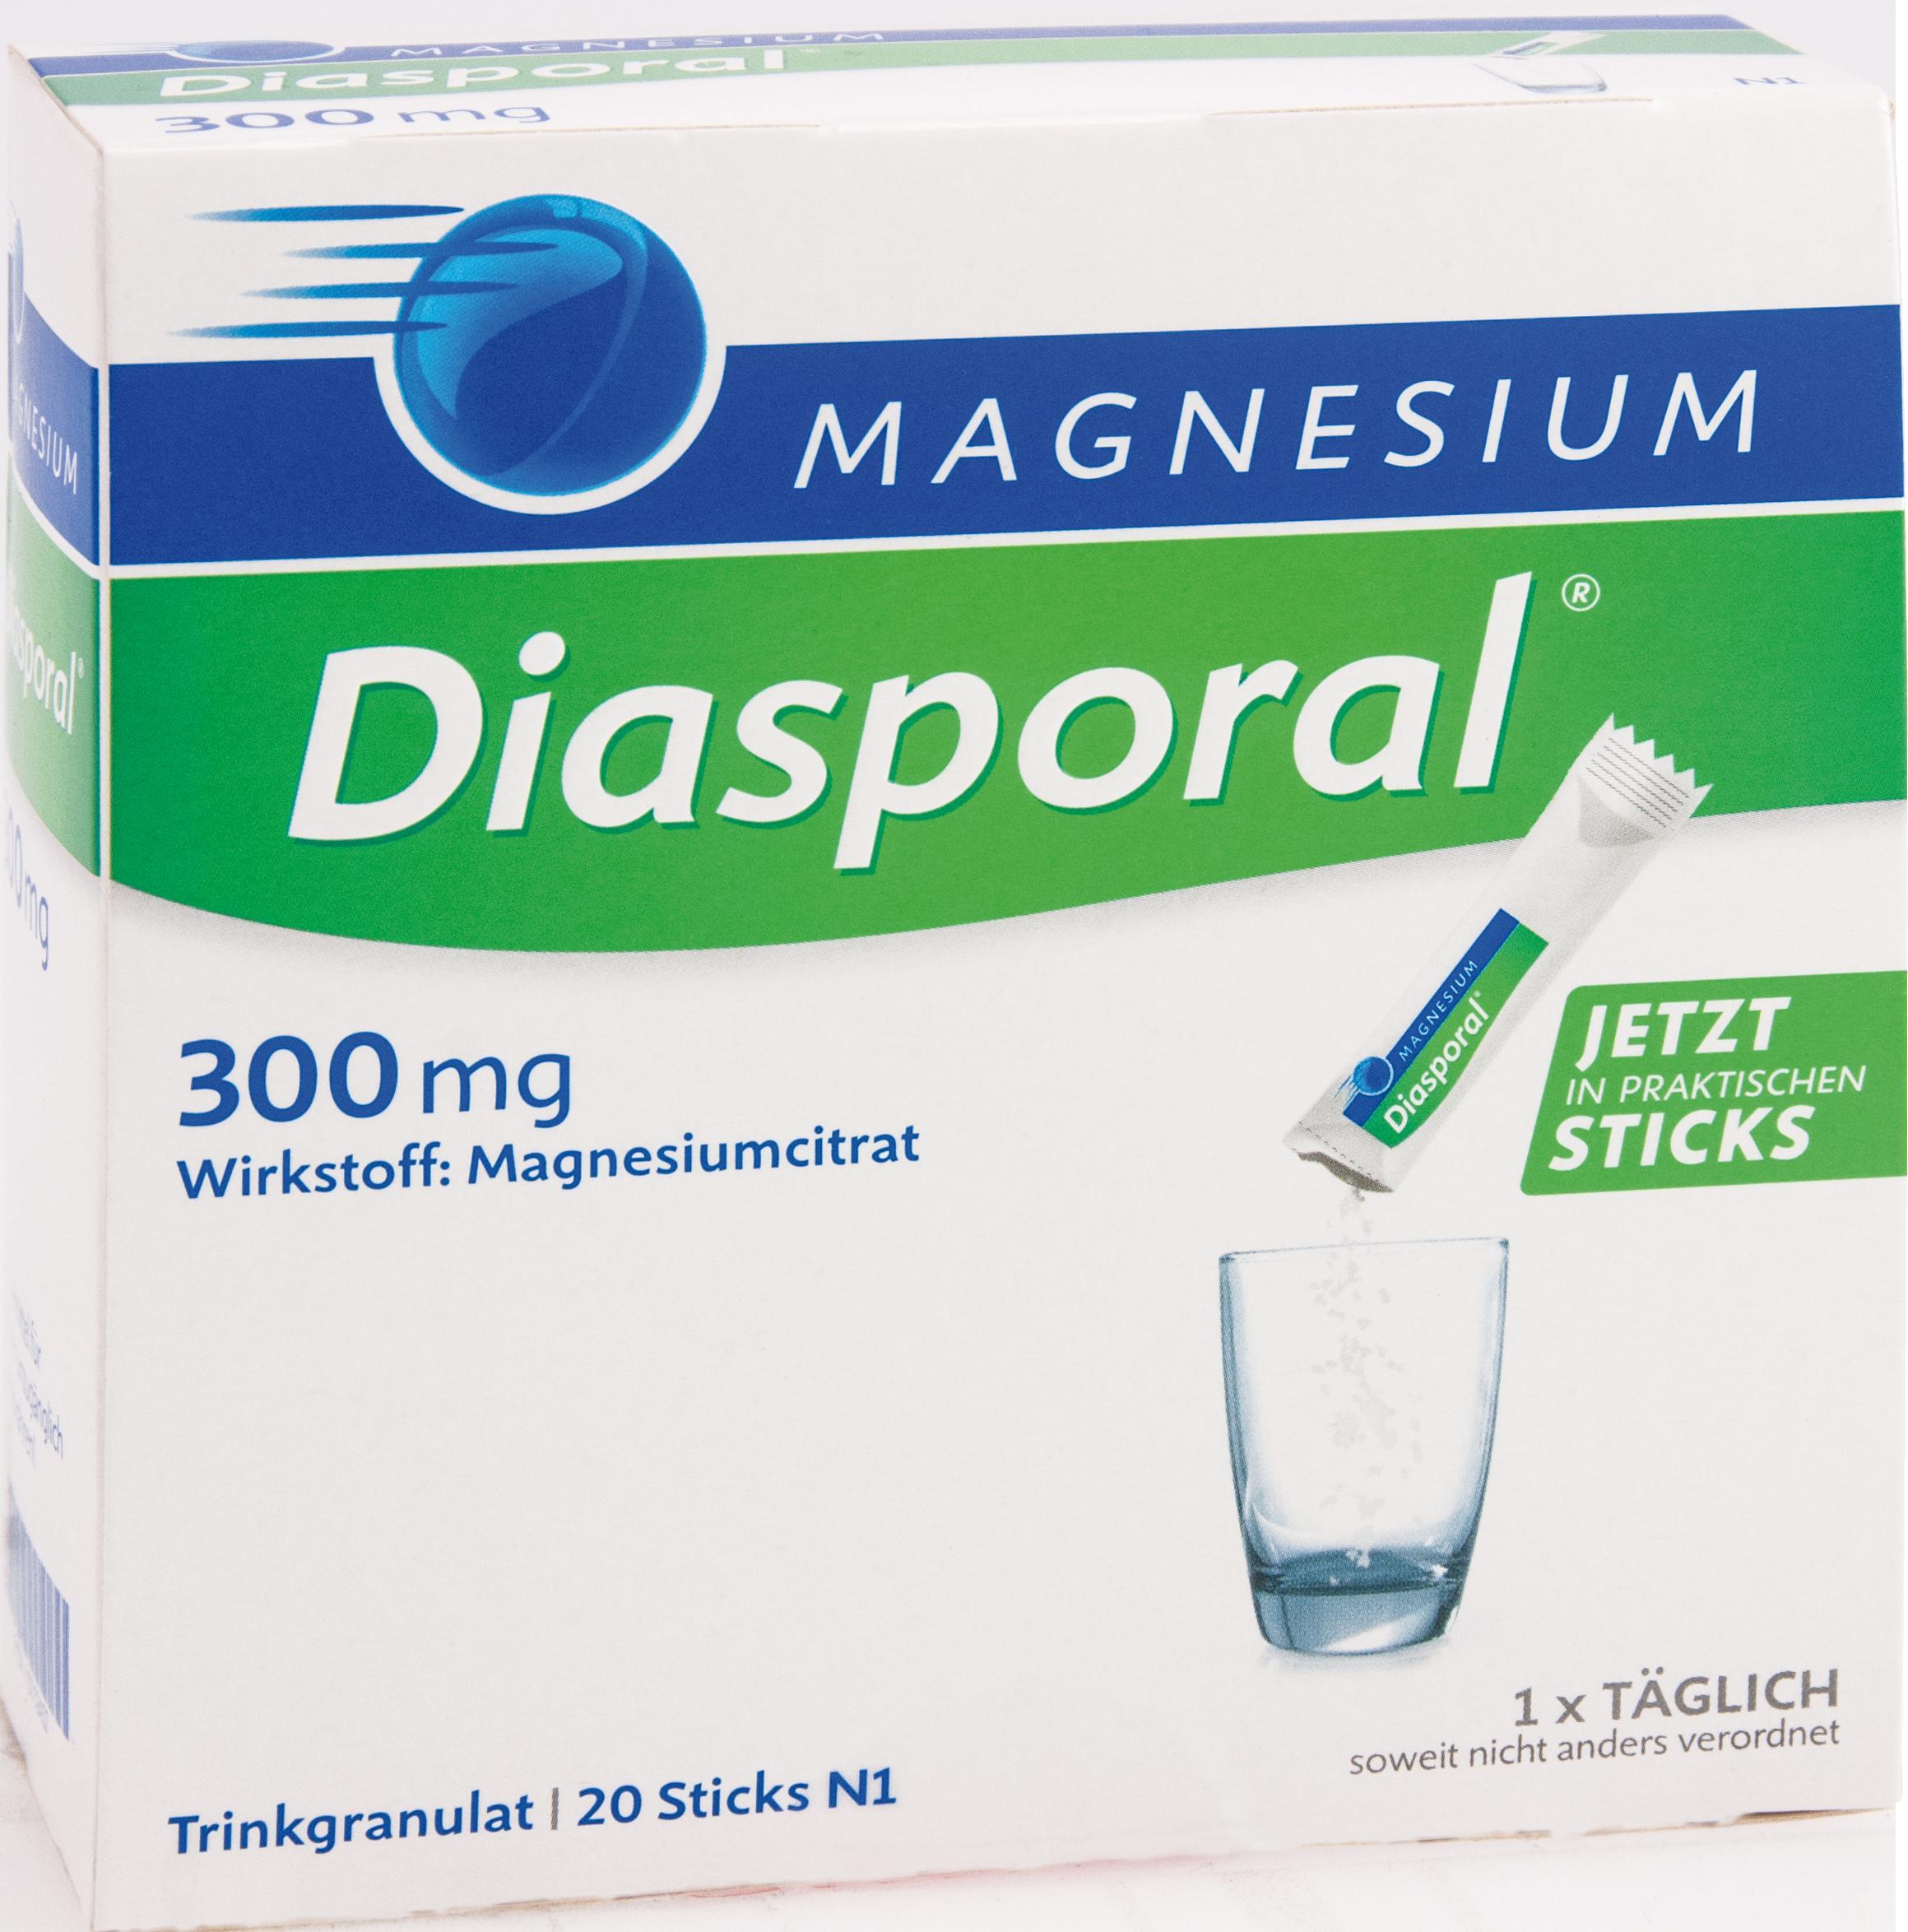 Magnesium-Diasporal 300mg